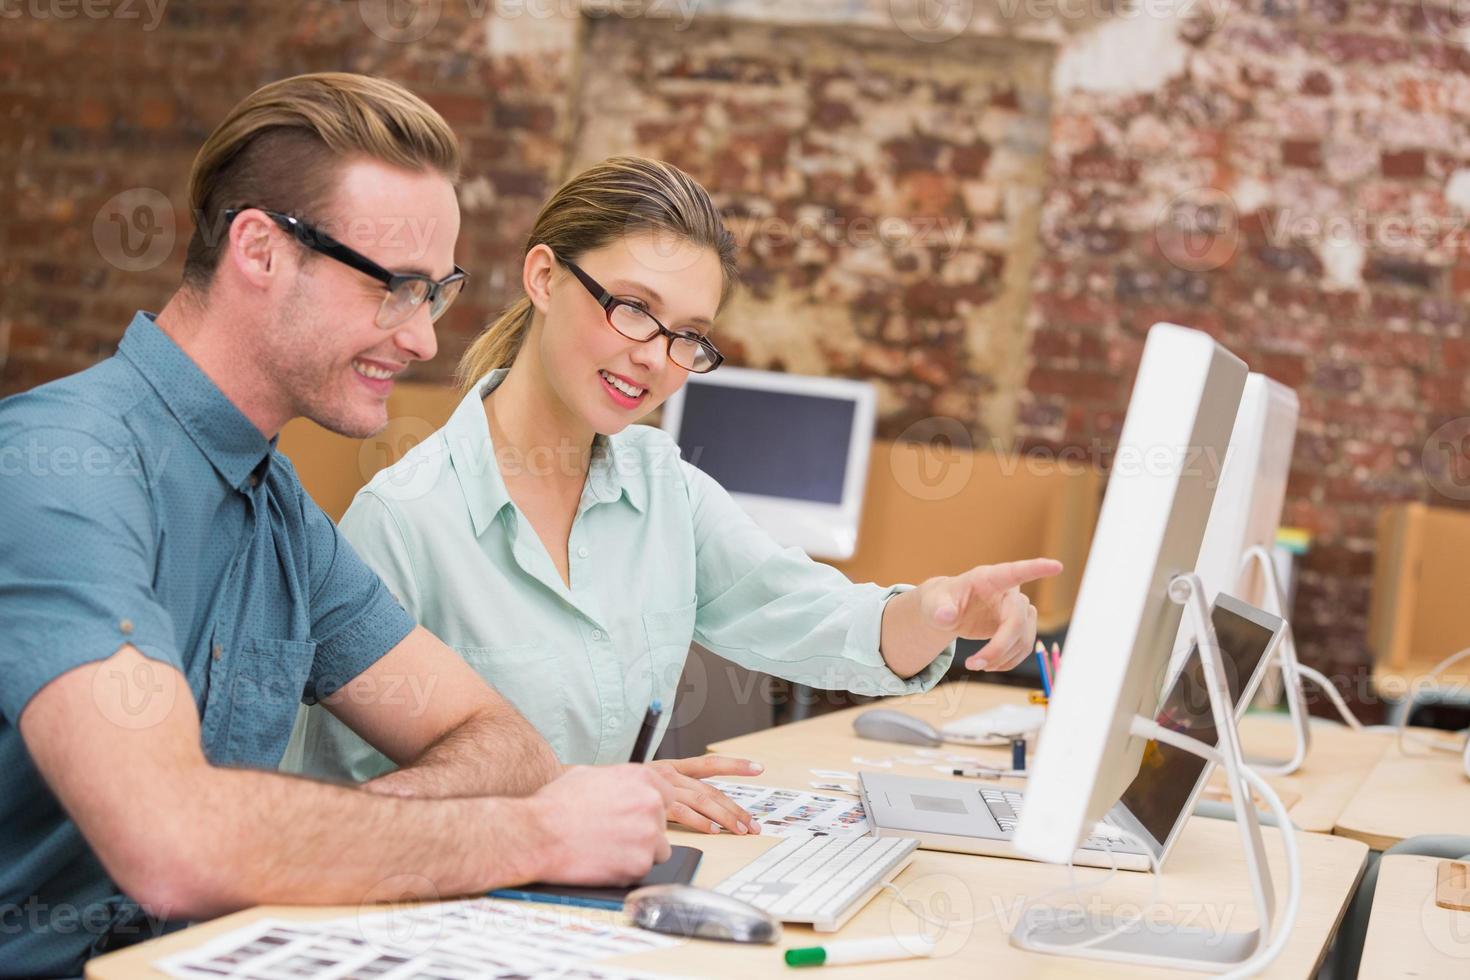 editores de fotos casuais no trabalho no escritório